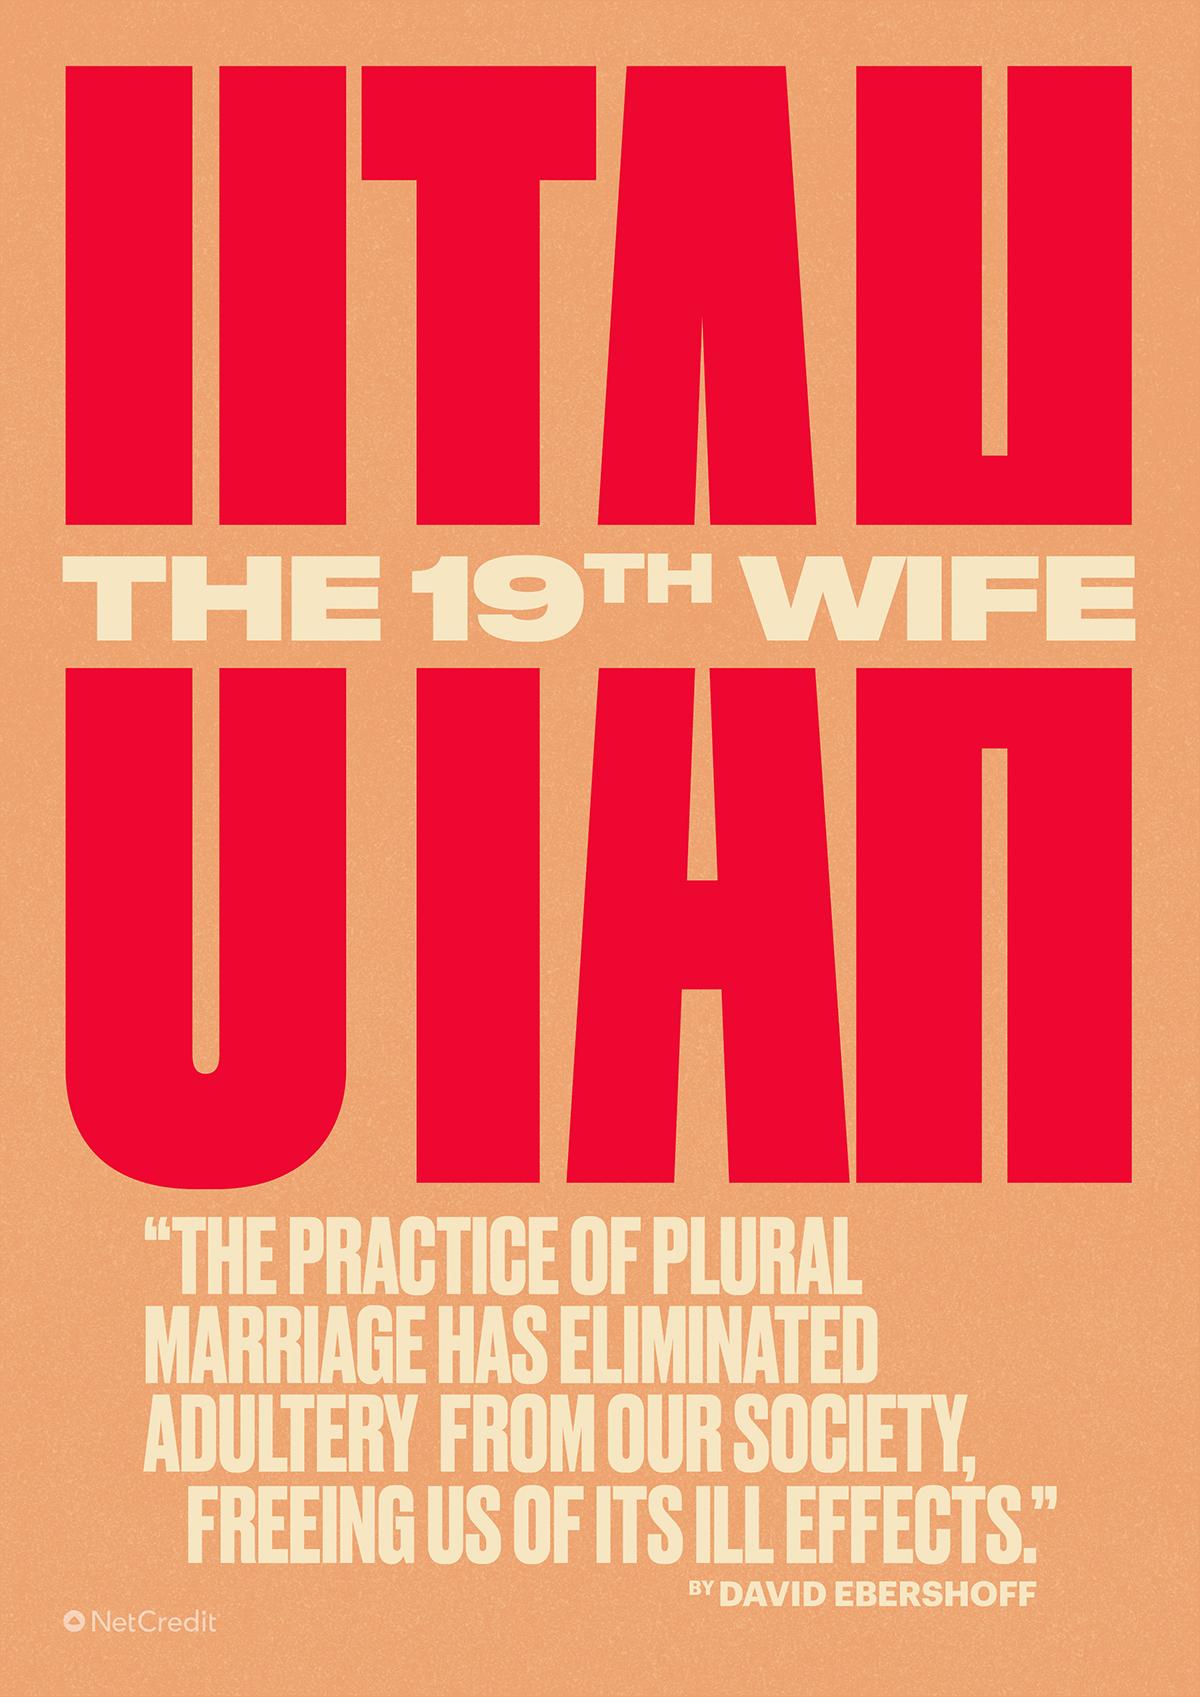 The 19th Wife Utah